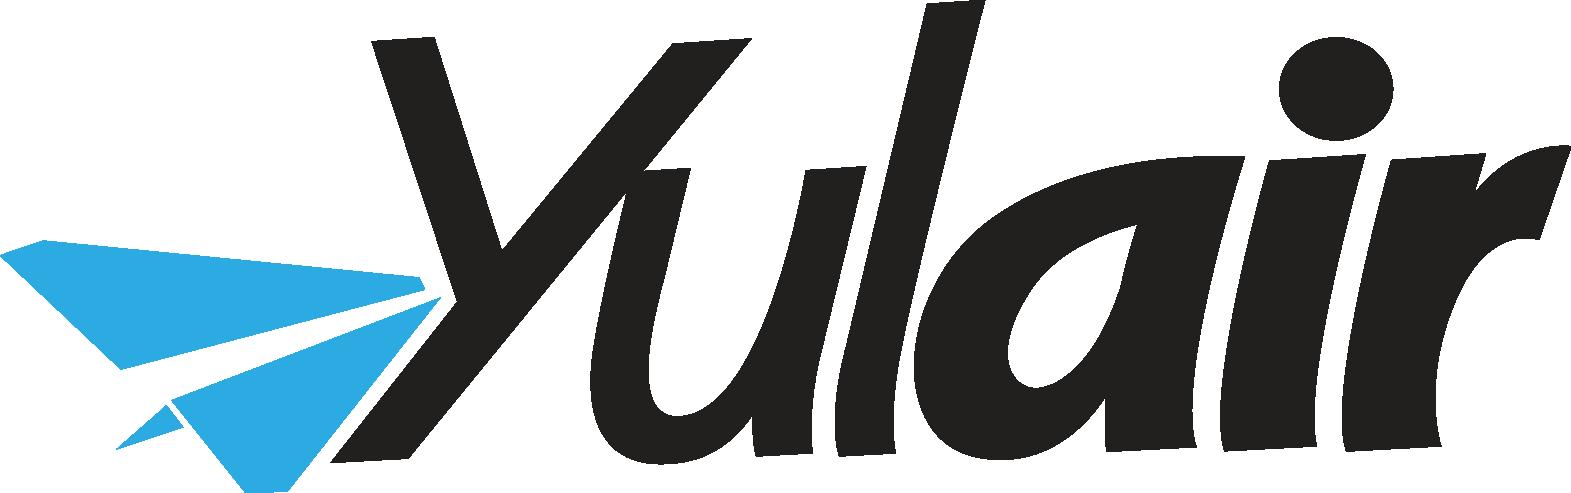 yulair_logo_small.png